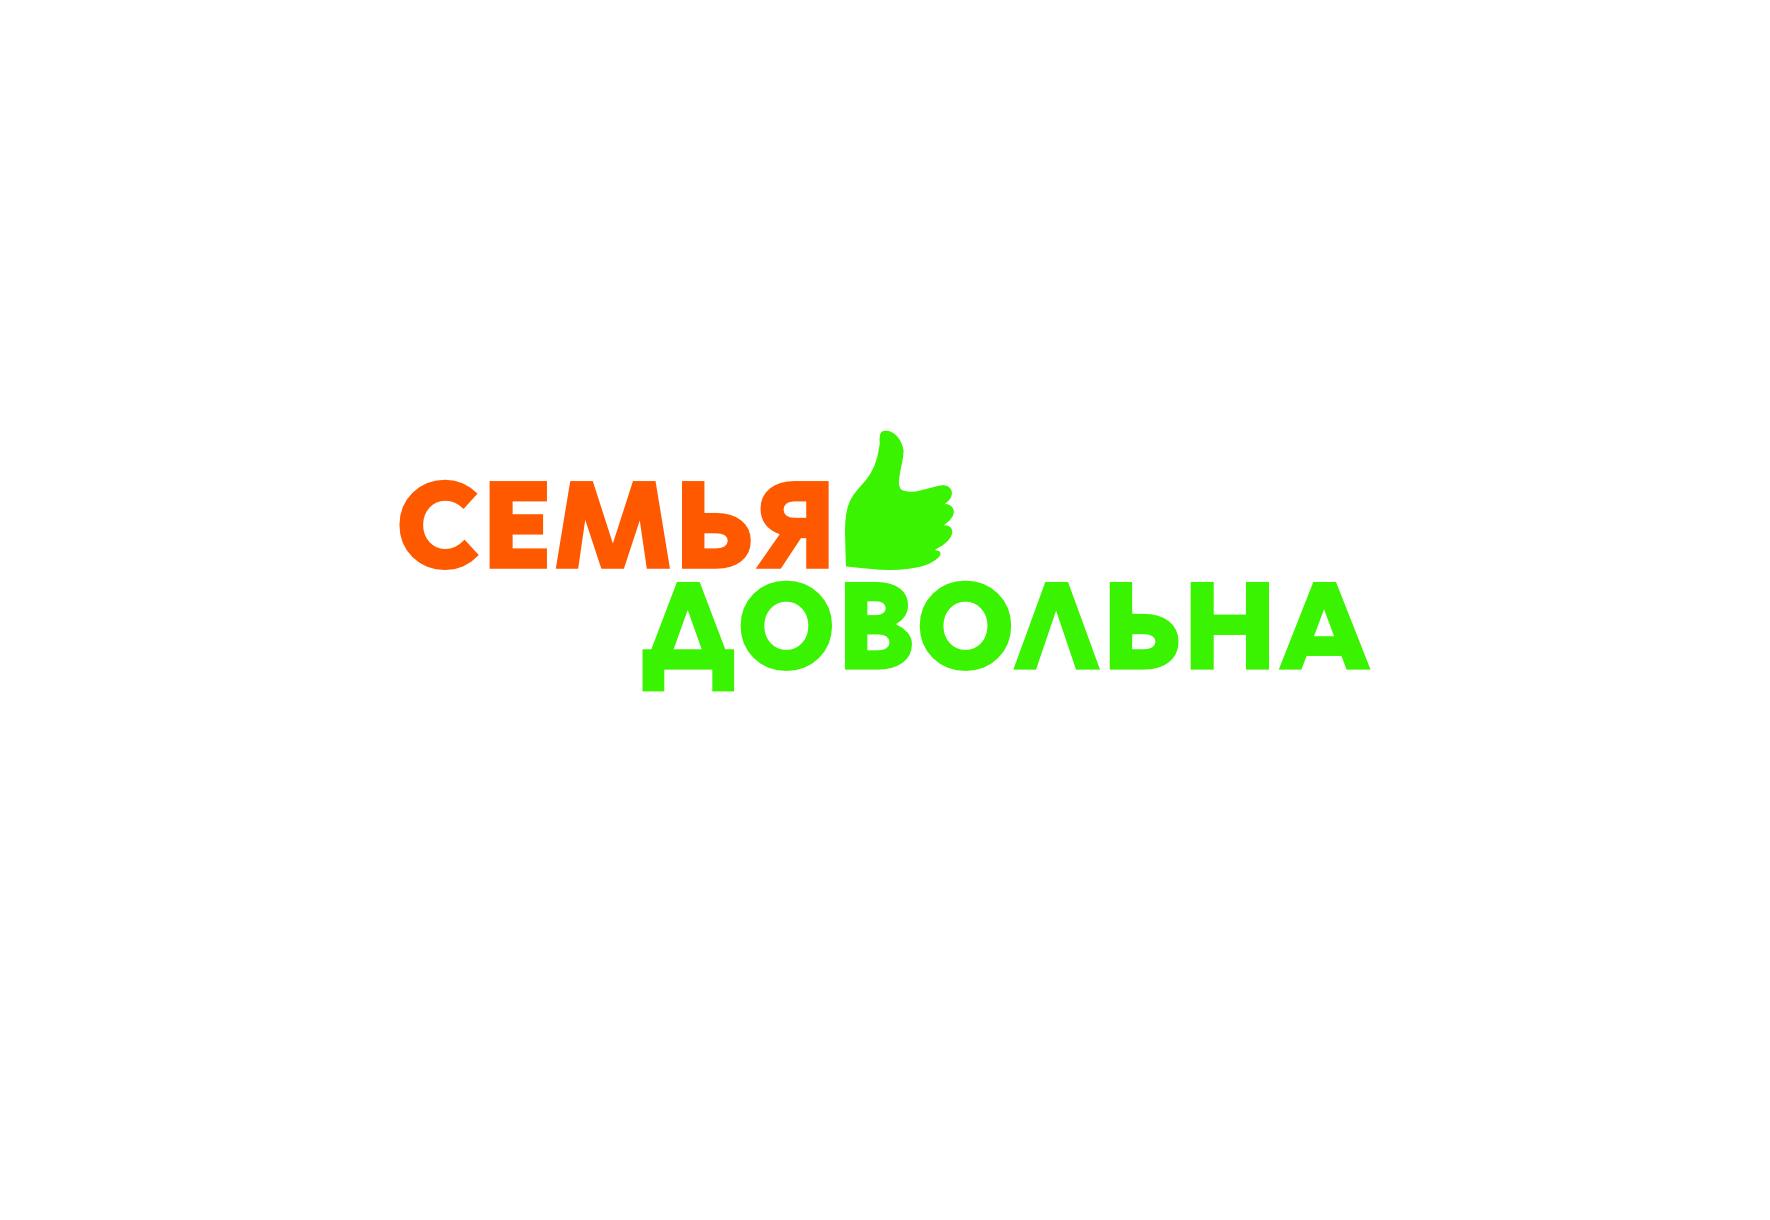 """Разработайте логотип для торговой марки """"Семья довольна"""" фото f_1205b9a8f658cf94.jpg"""